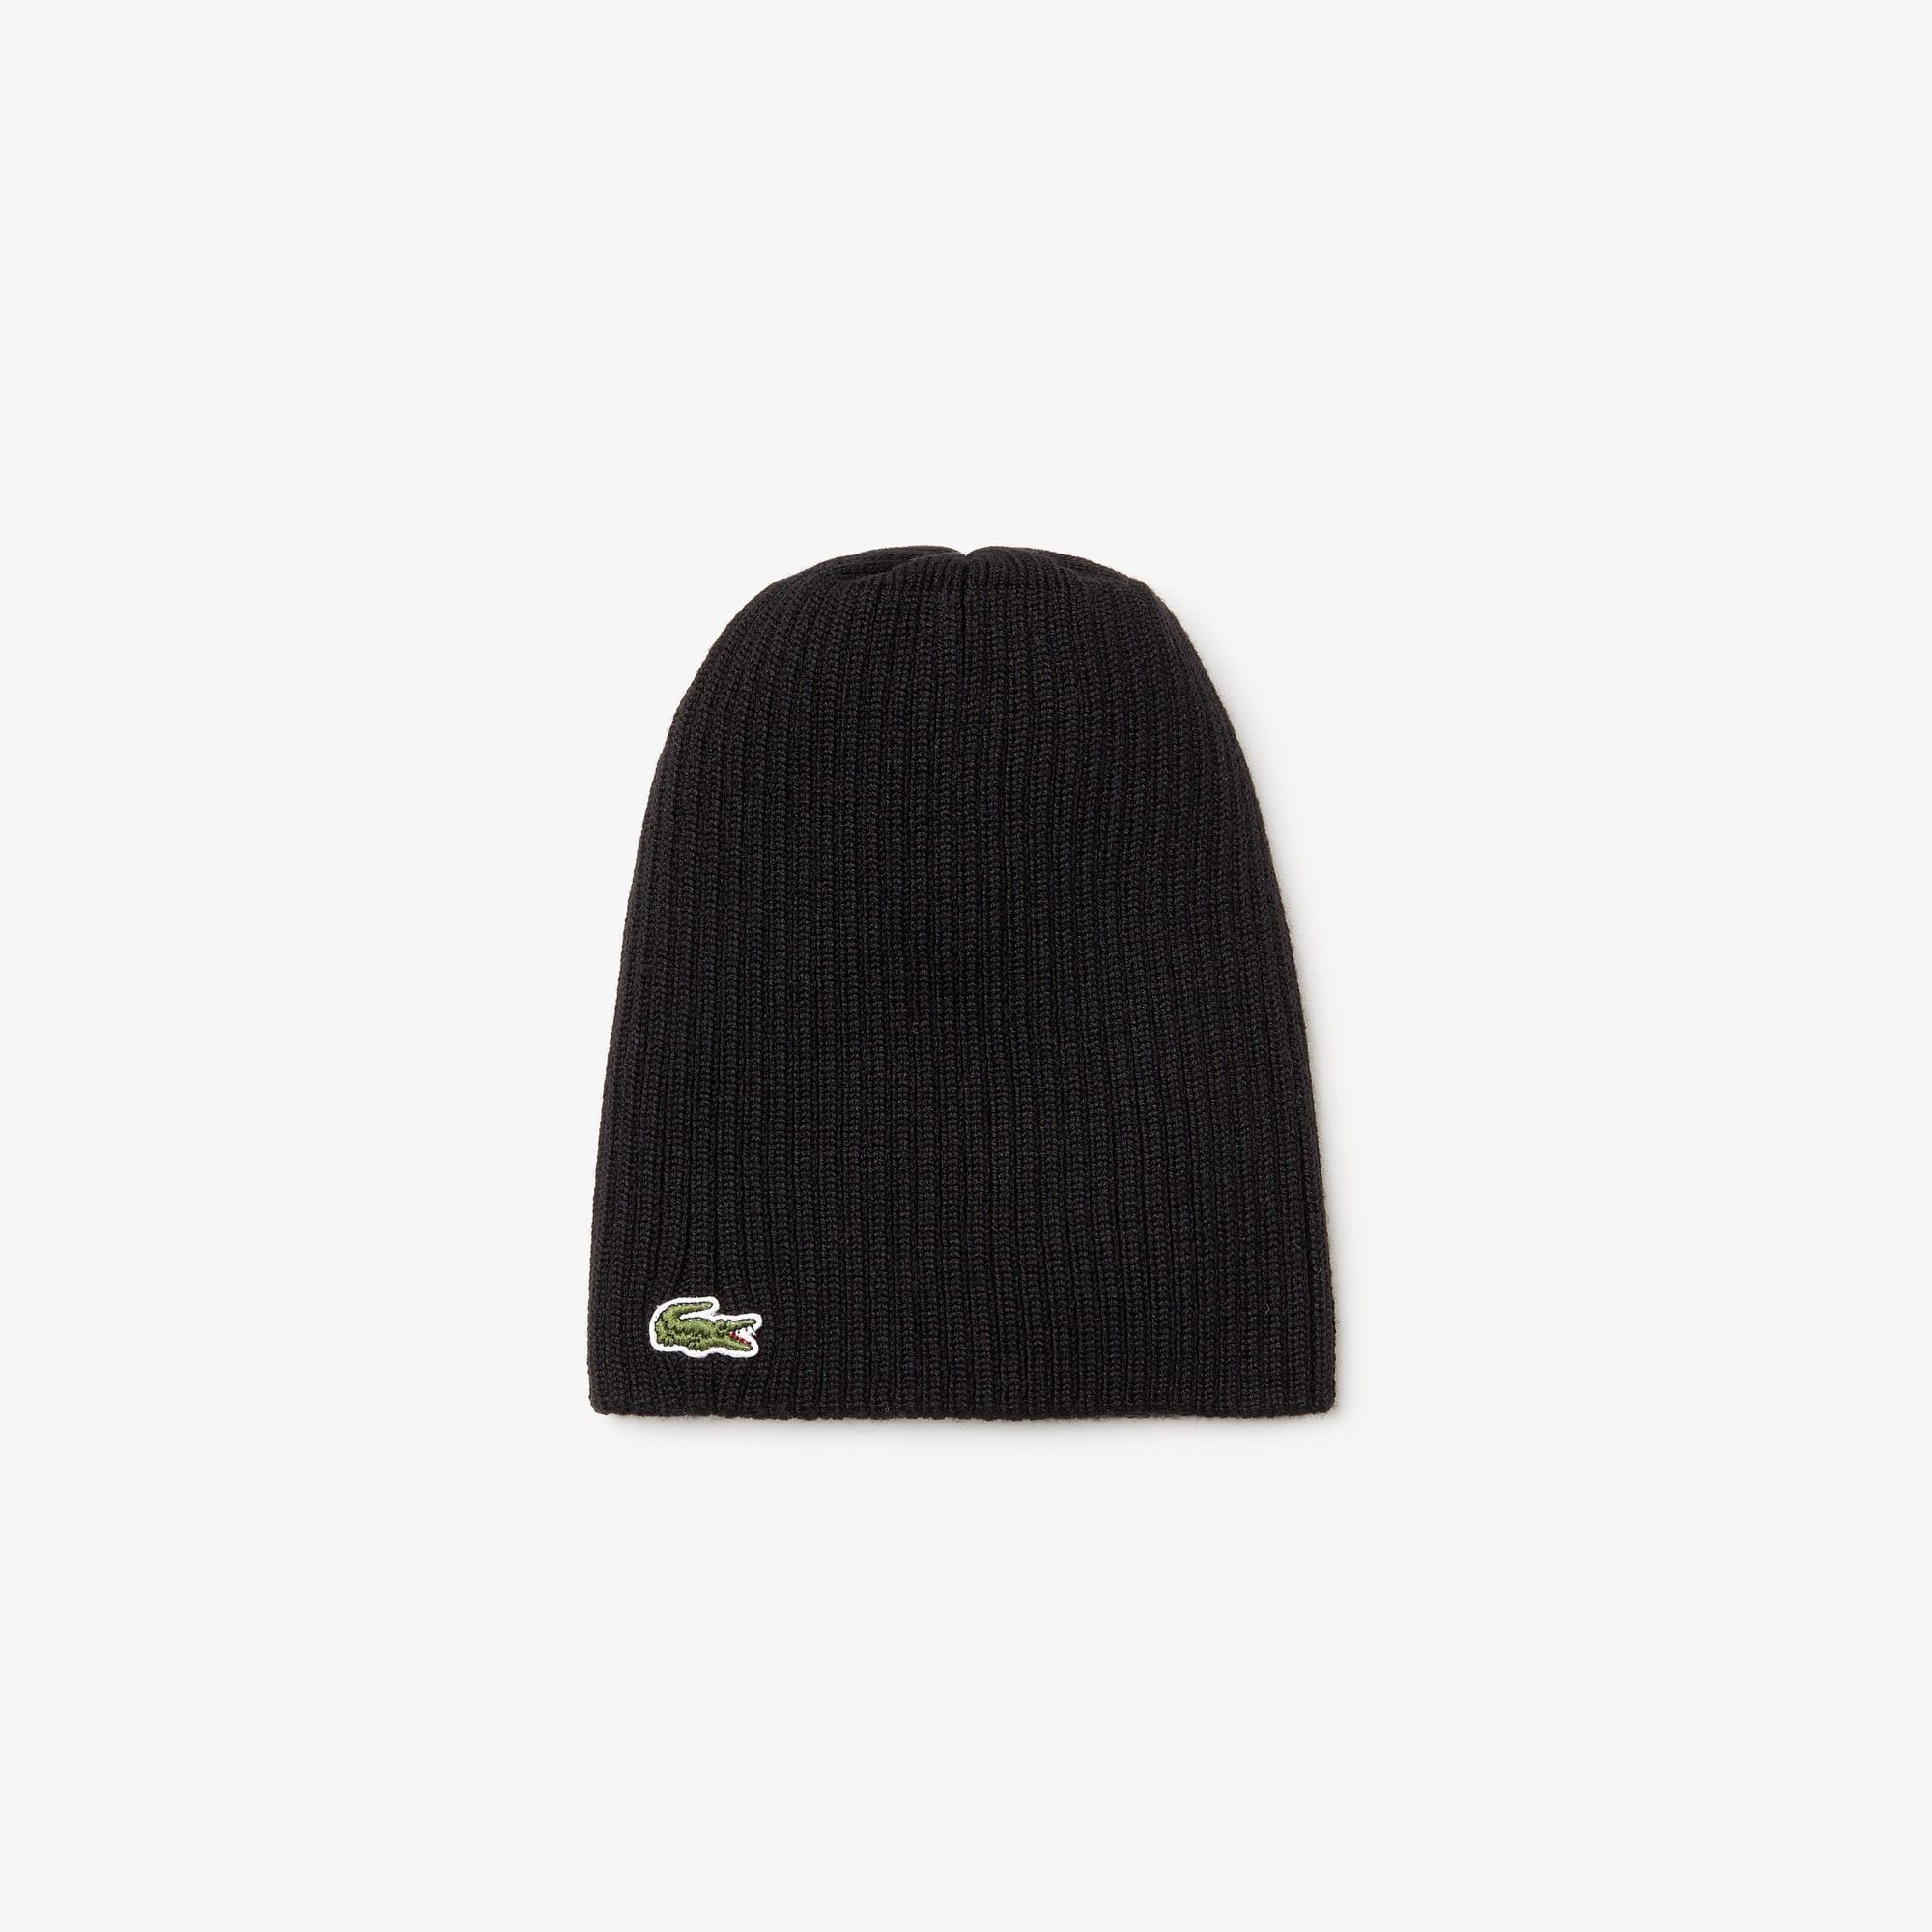 7eeb9719 Caps & Hats | Men's Accessories | LACOSTE